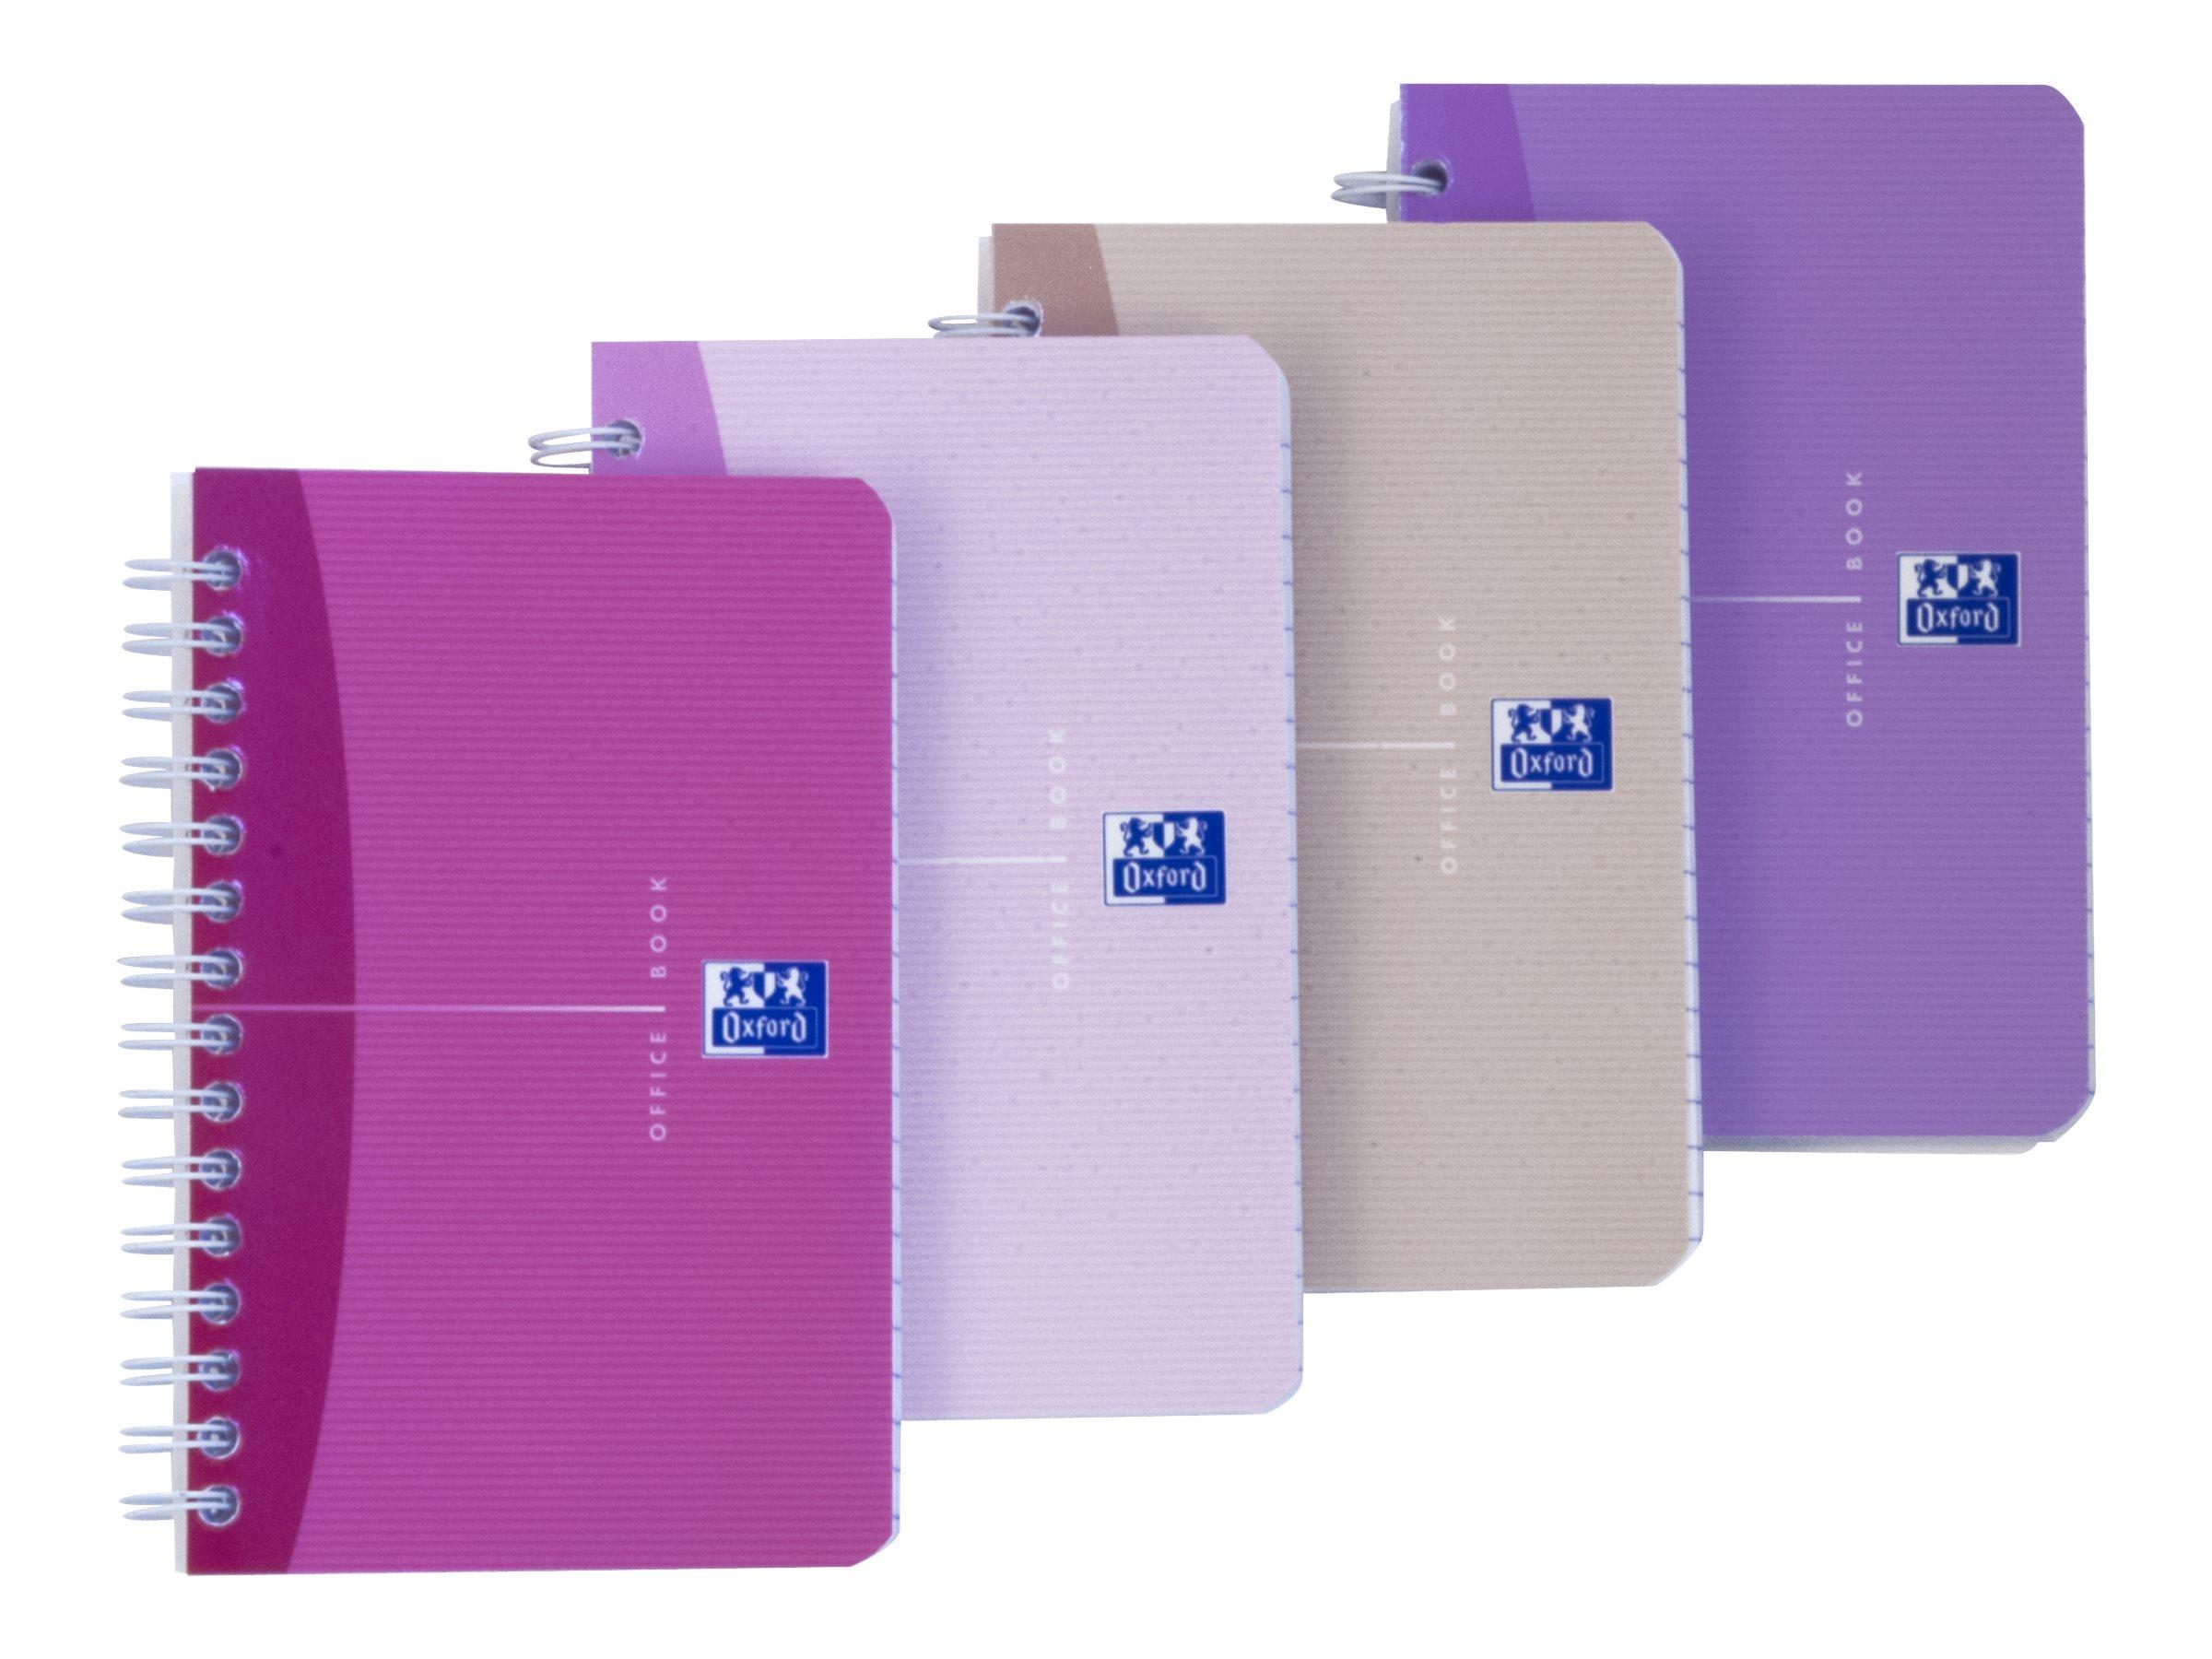 Oxford Office Beauty - Carnet - 9 x 14 cm - 180 pages - ligné - disponible dans différentes couleurs